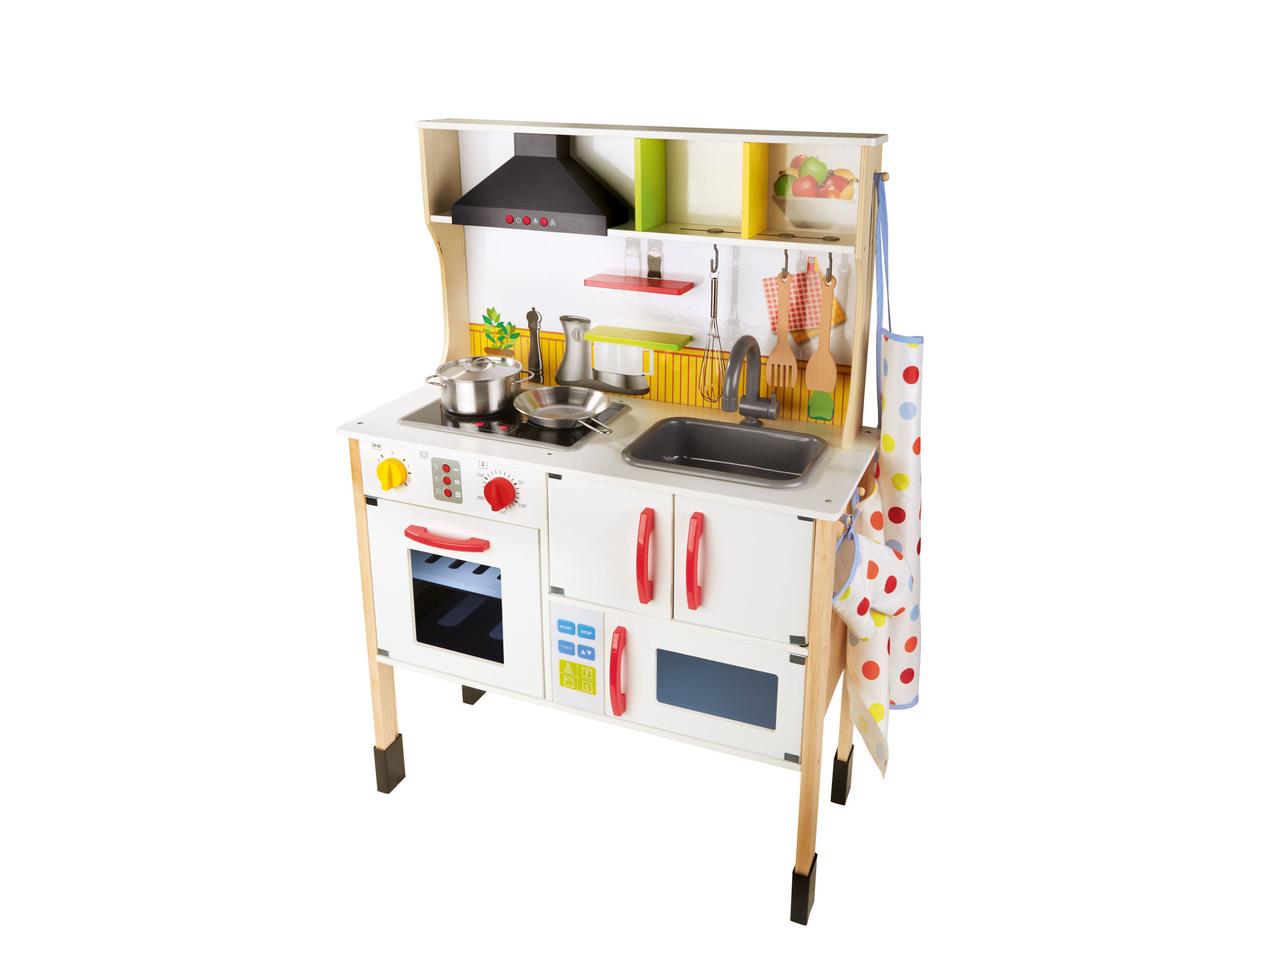 Cucina giocattolo in legno  Lidl  Italia  Archivio